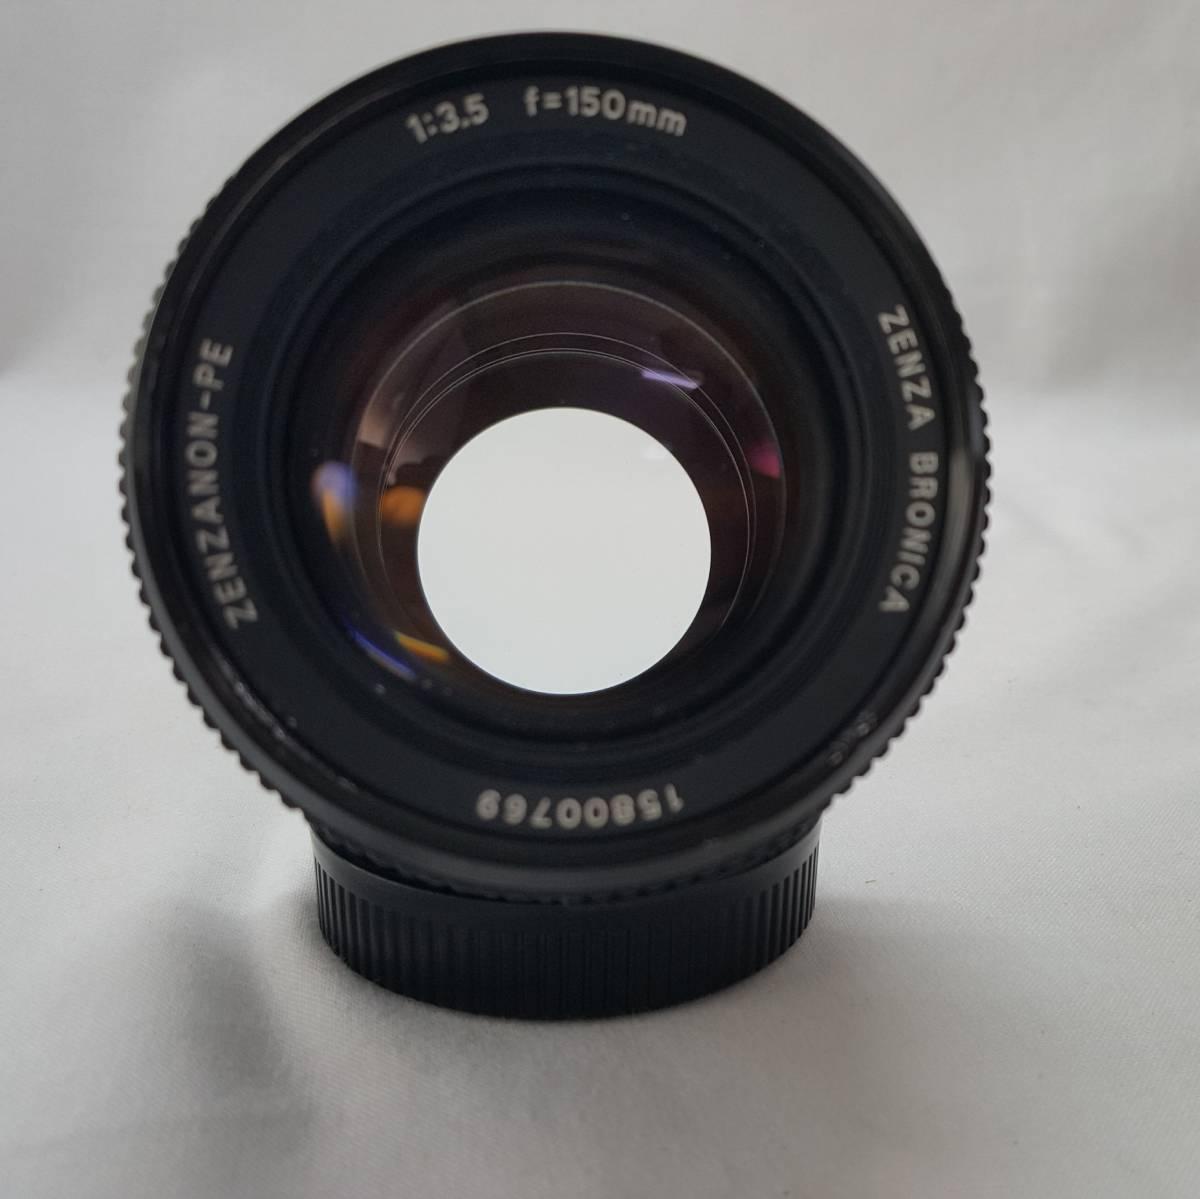 ZENZA BRONICA ETR M52 16837. ZENZANON-PE 1:3.5 f=150mm 15800769 ゼンザブロニカ 美品 レンズ+付属 (A-67)_画像4